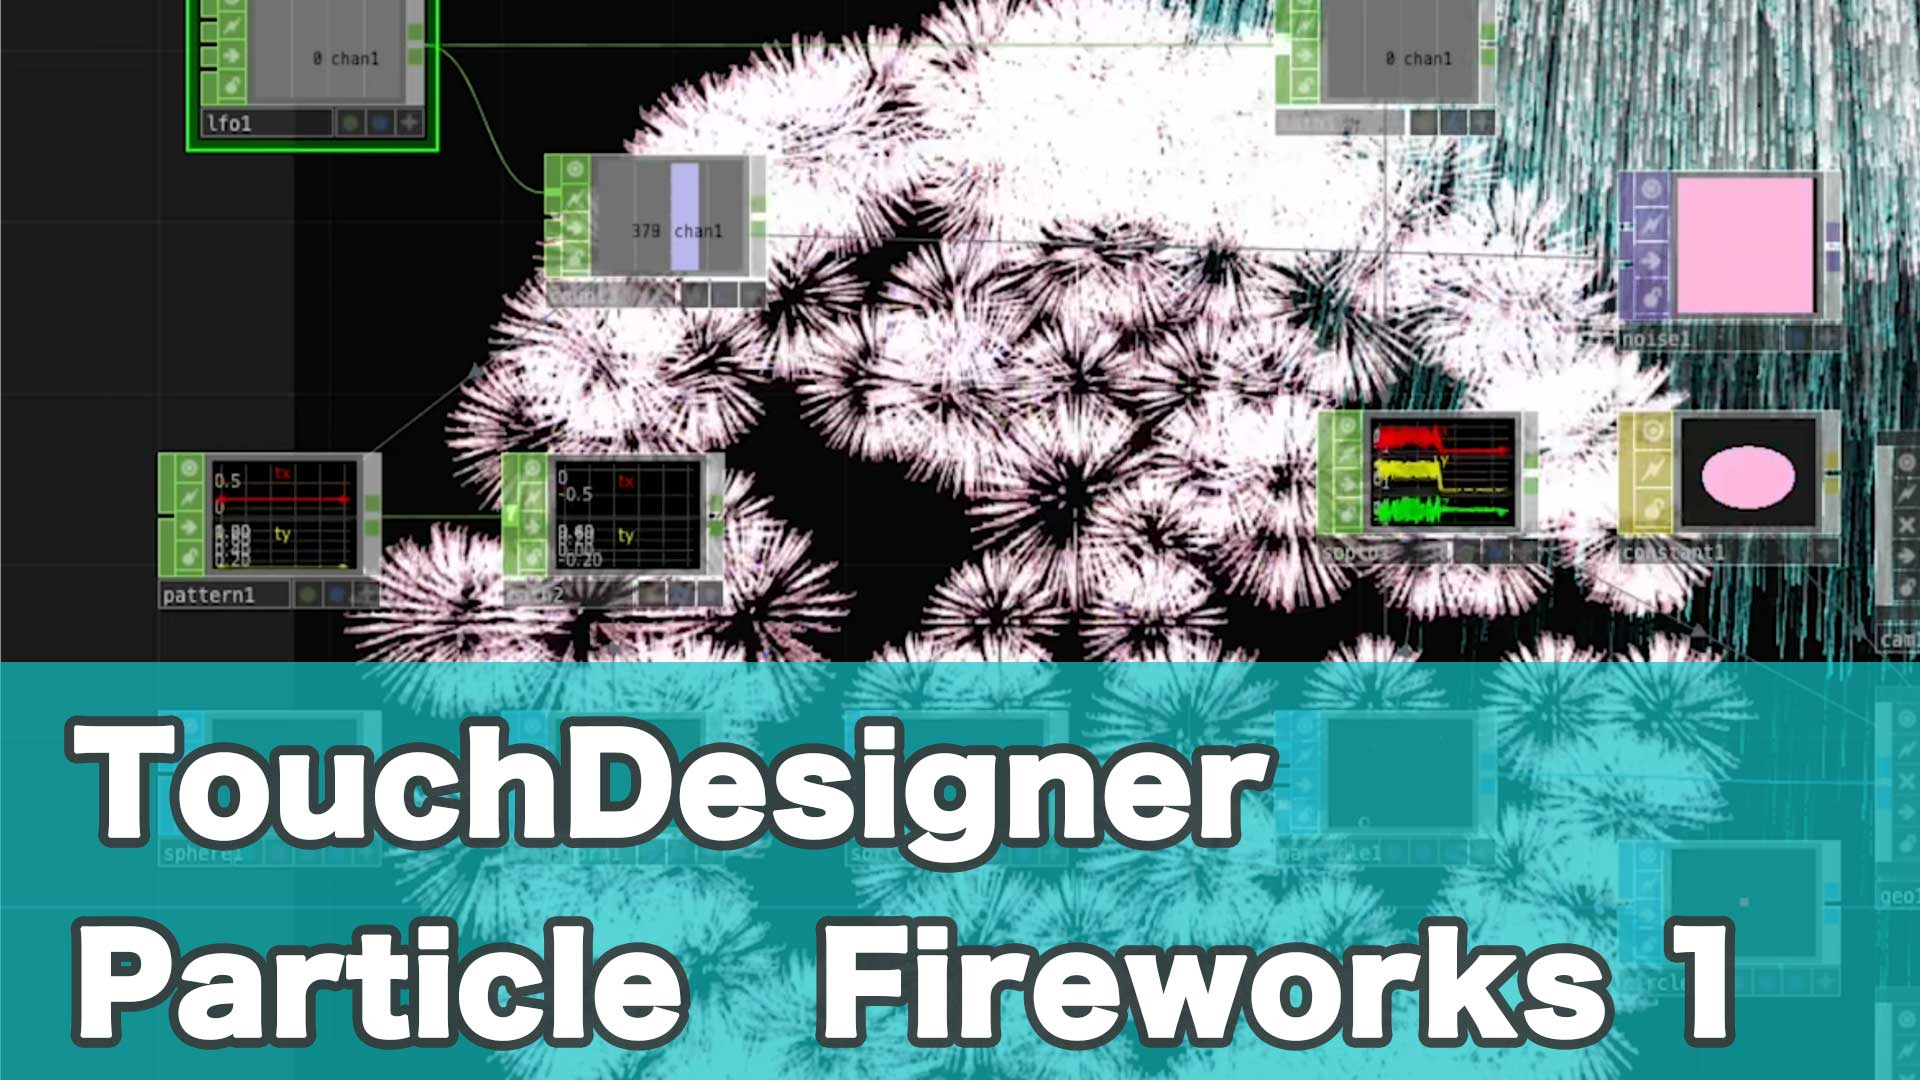 Touchdesigner 花火